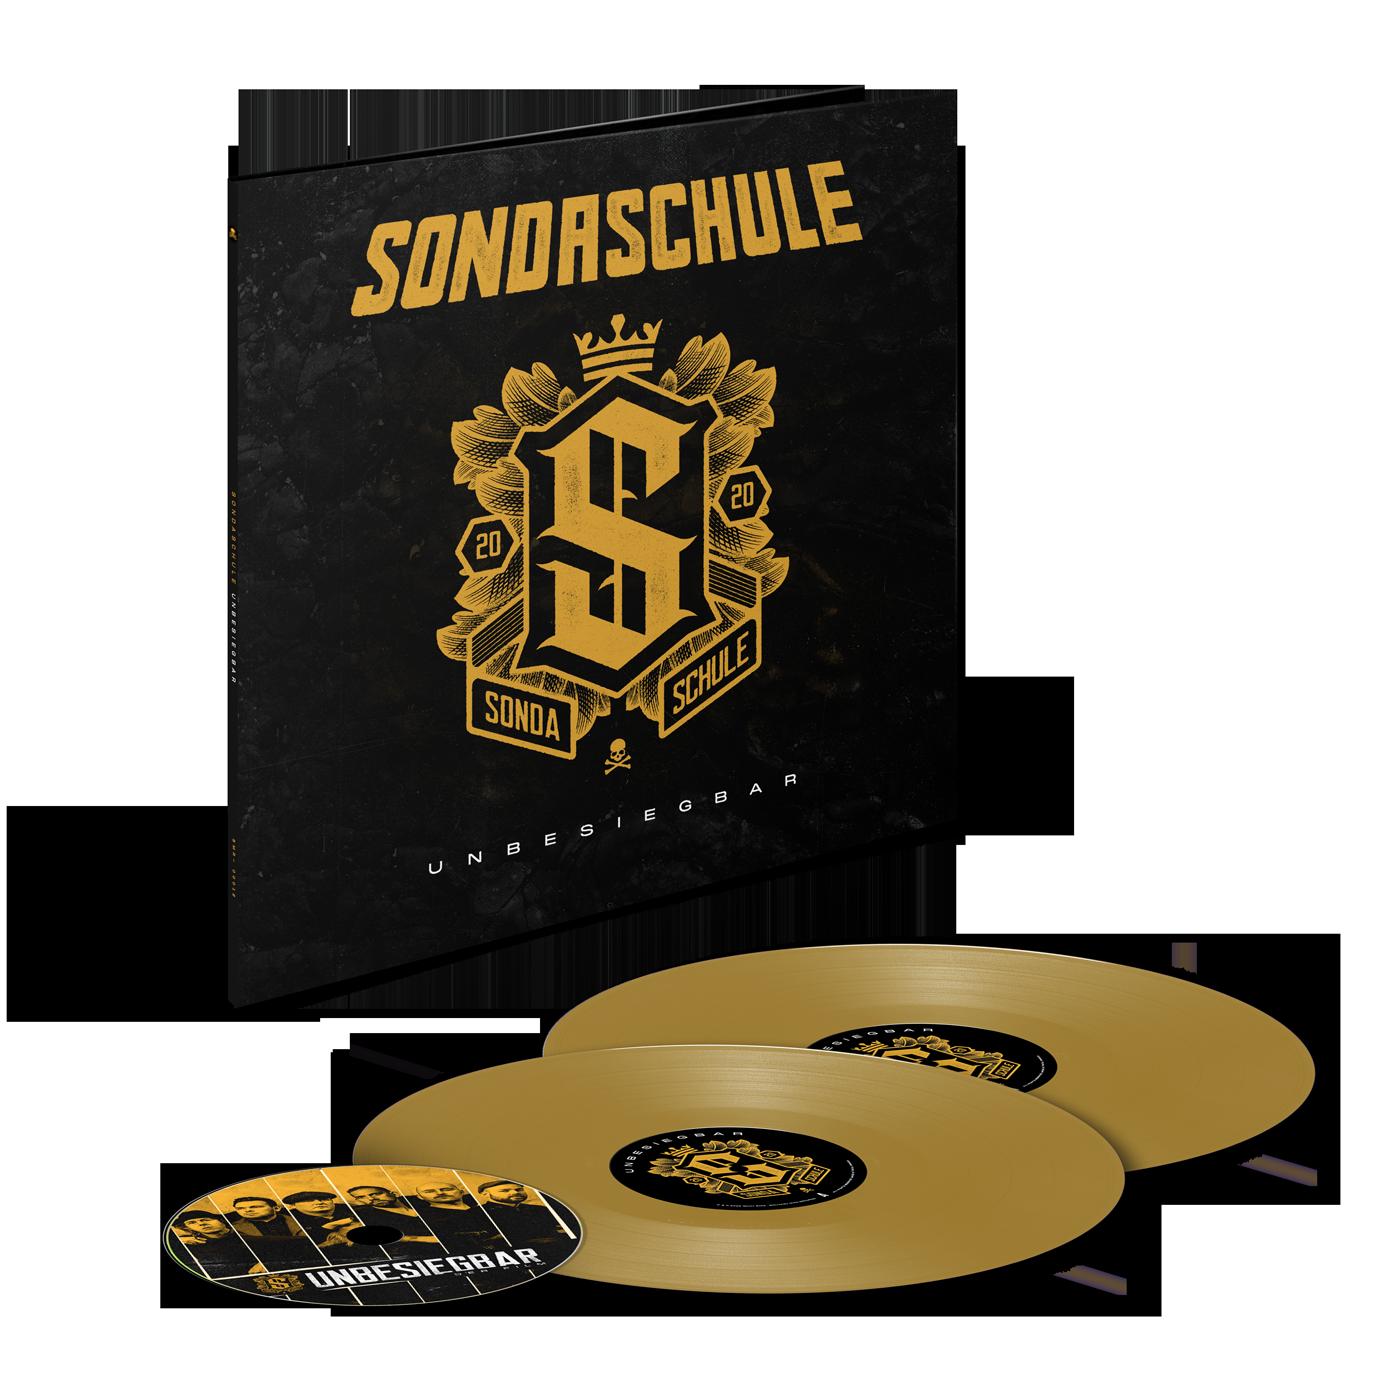 Unbesiegbar Vinyl + DVD